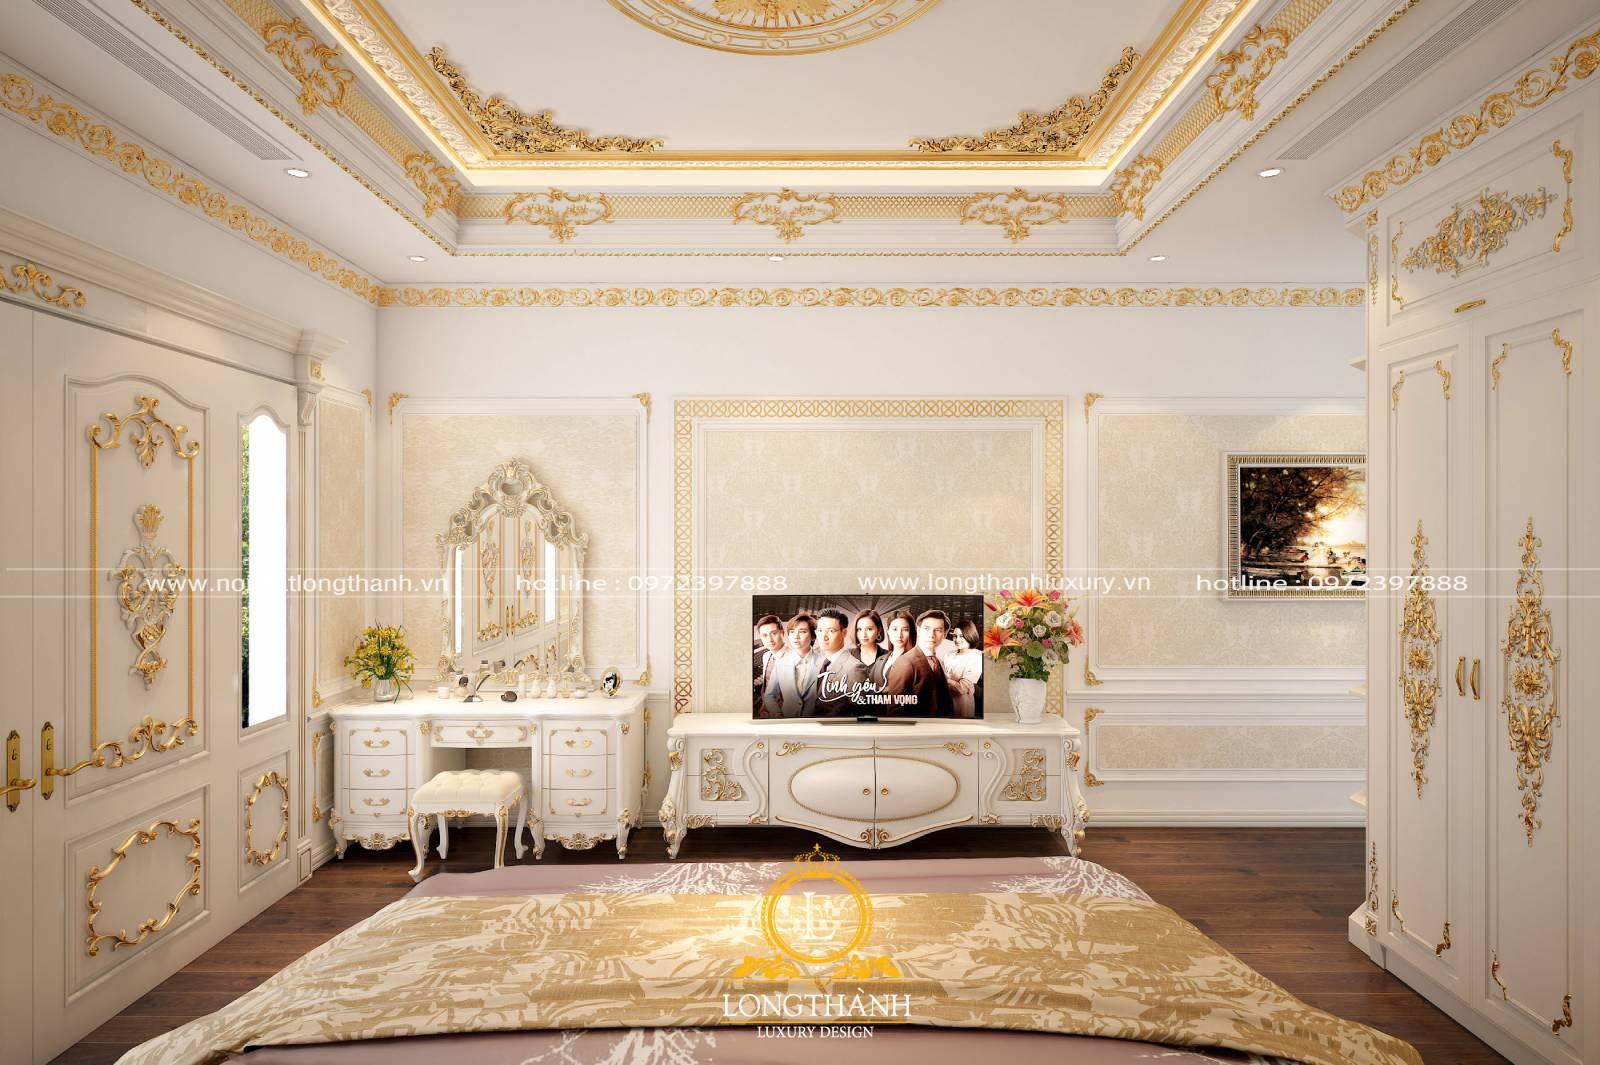 Thiết kế phòng ngủ tân cổ điển lấy gam màu trắng làm màu chủ đạo